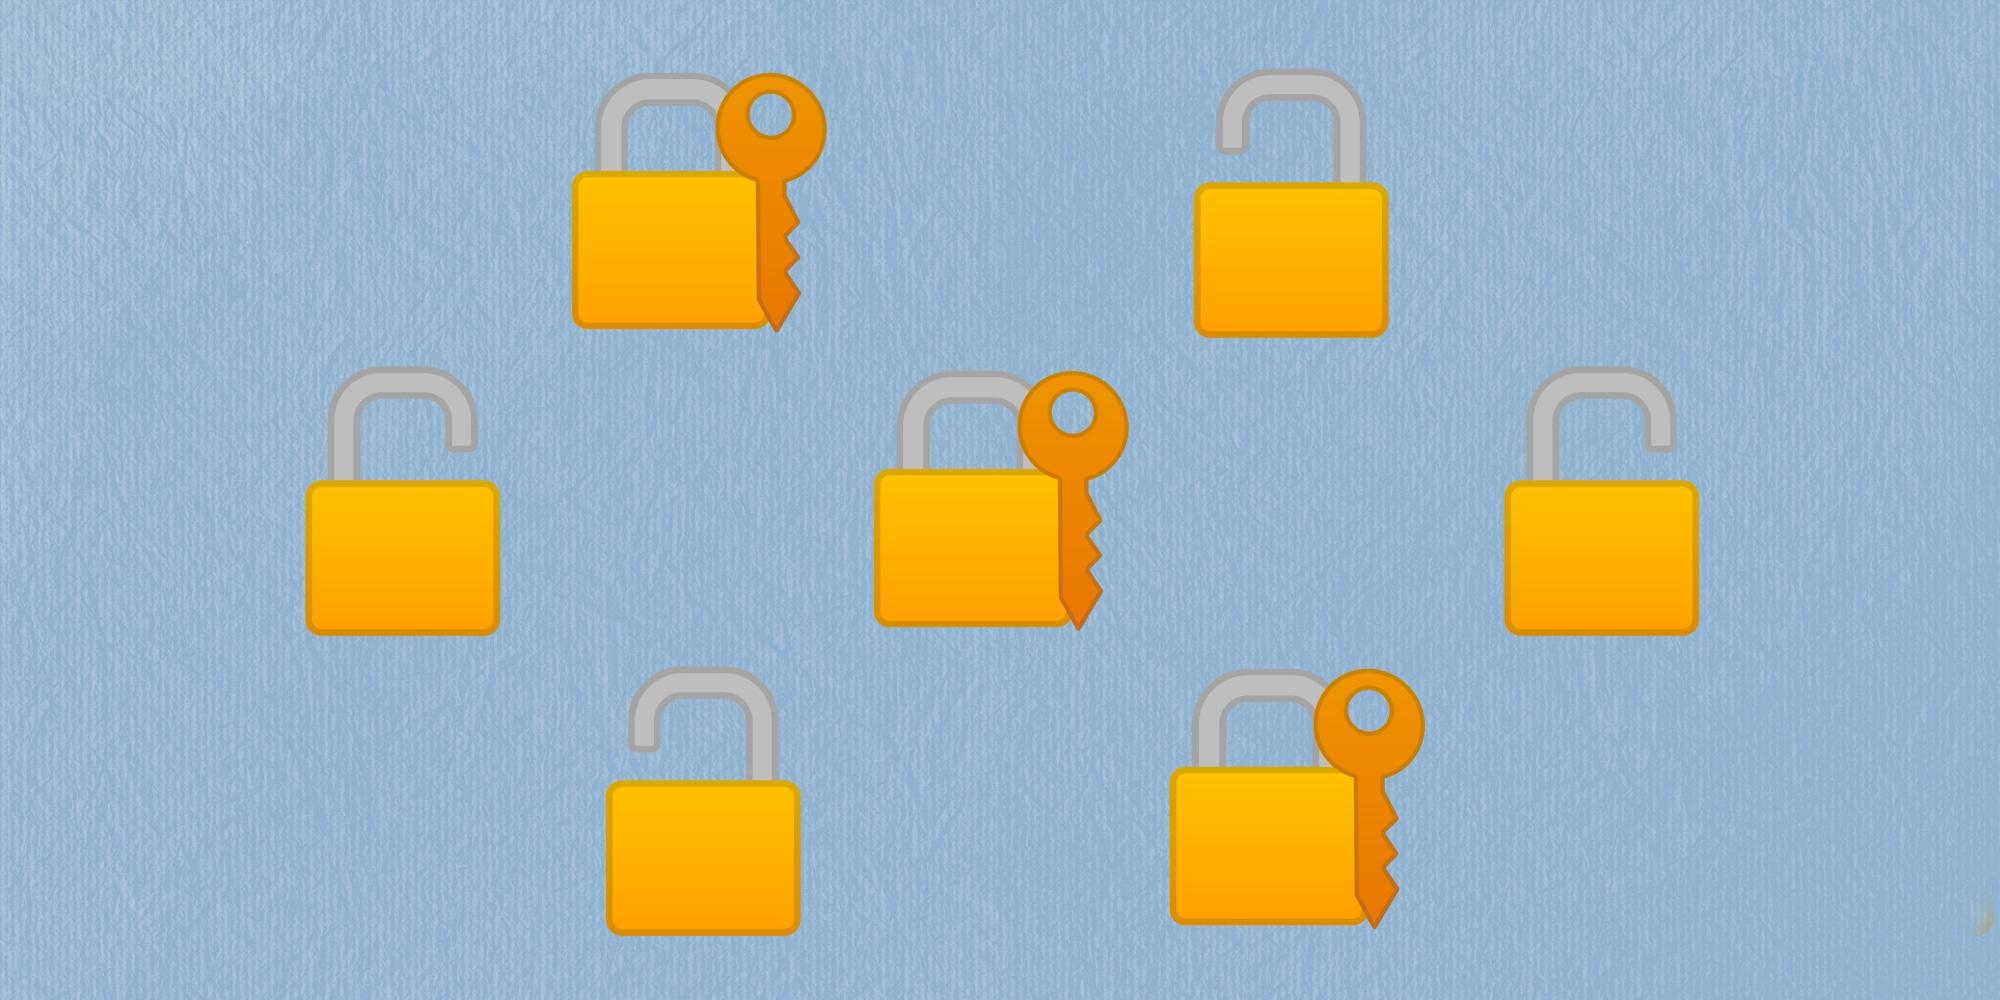 Обучение кибербезопасности: как освоить популярную профессию?